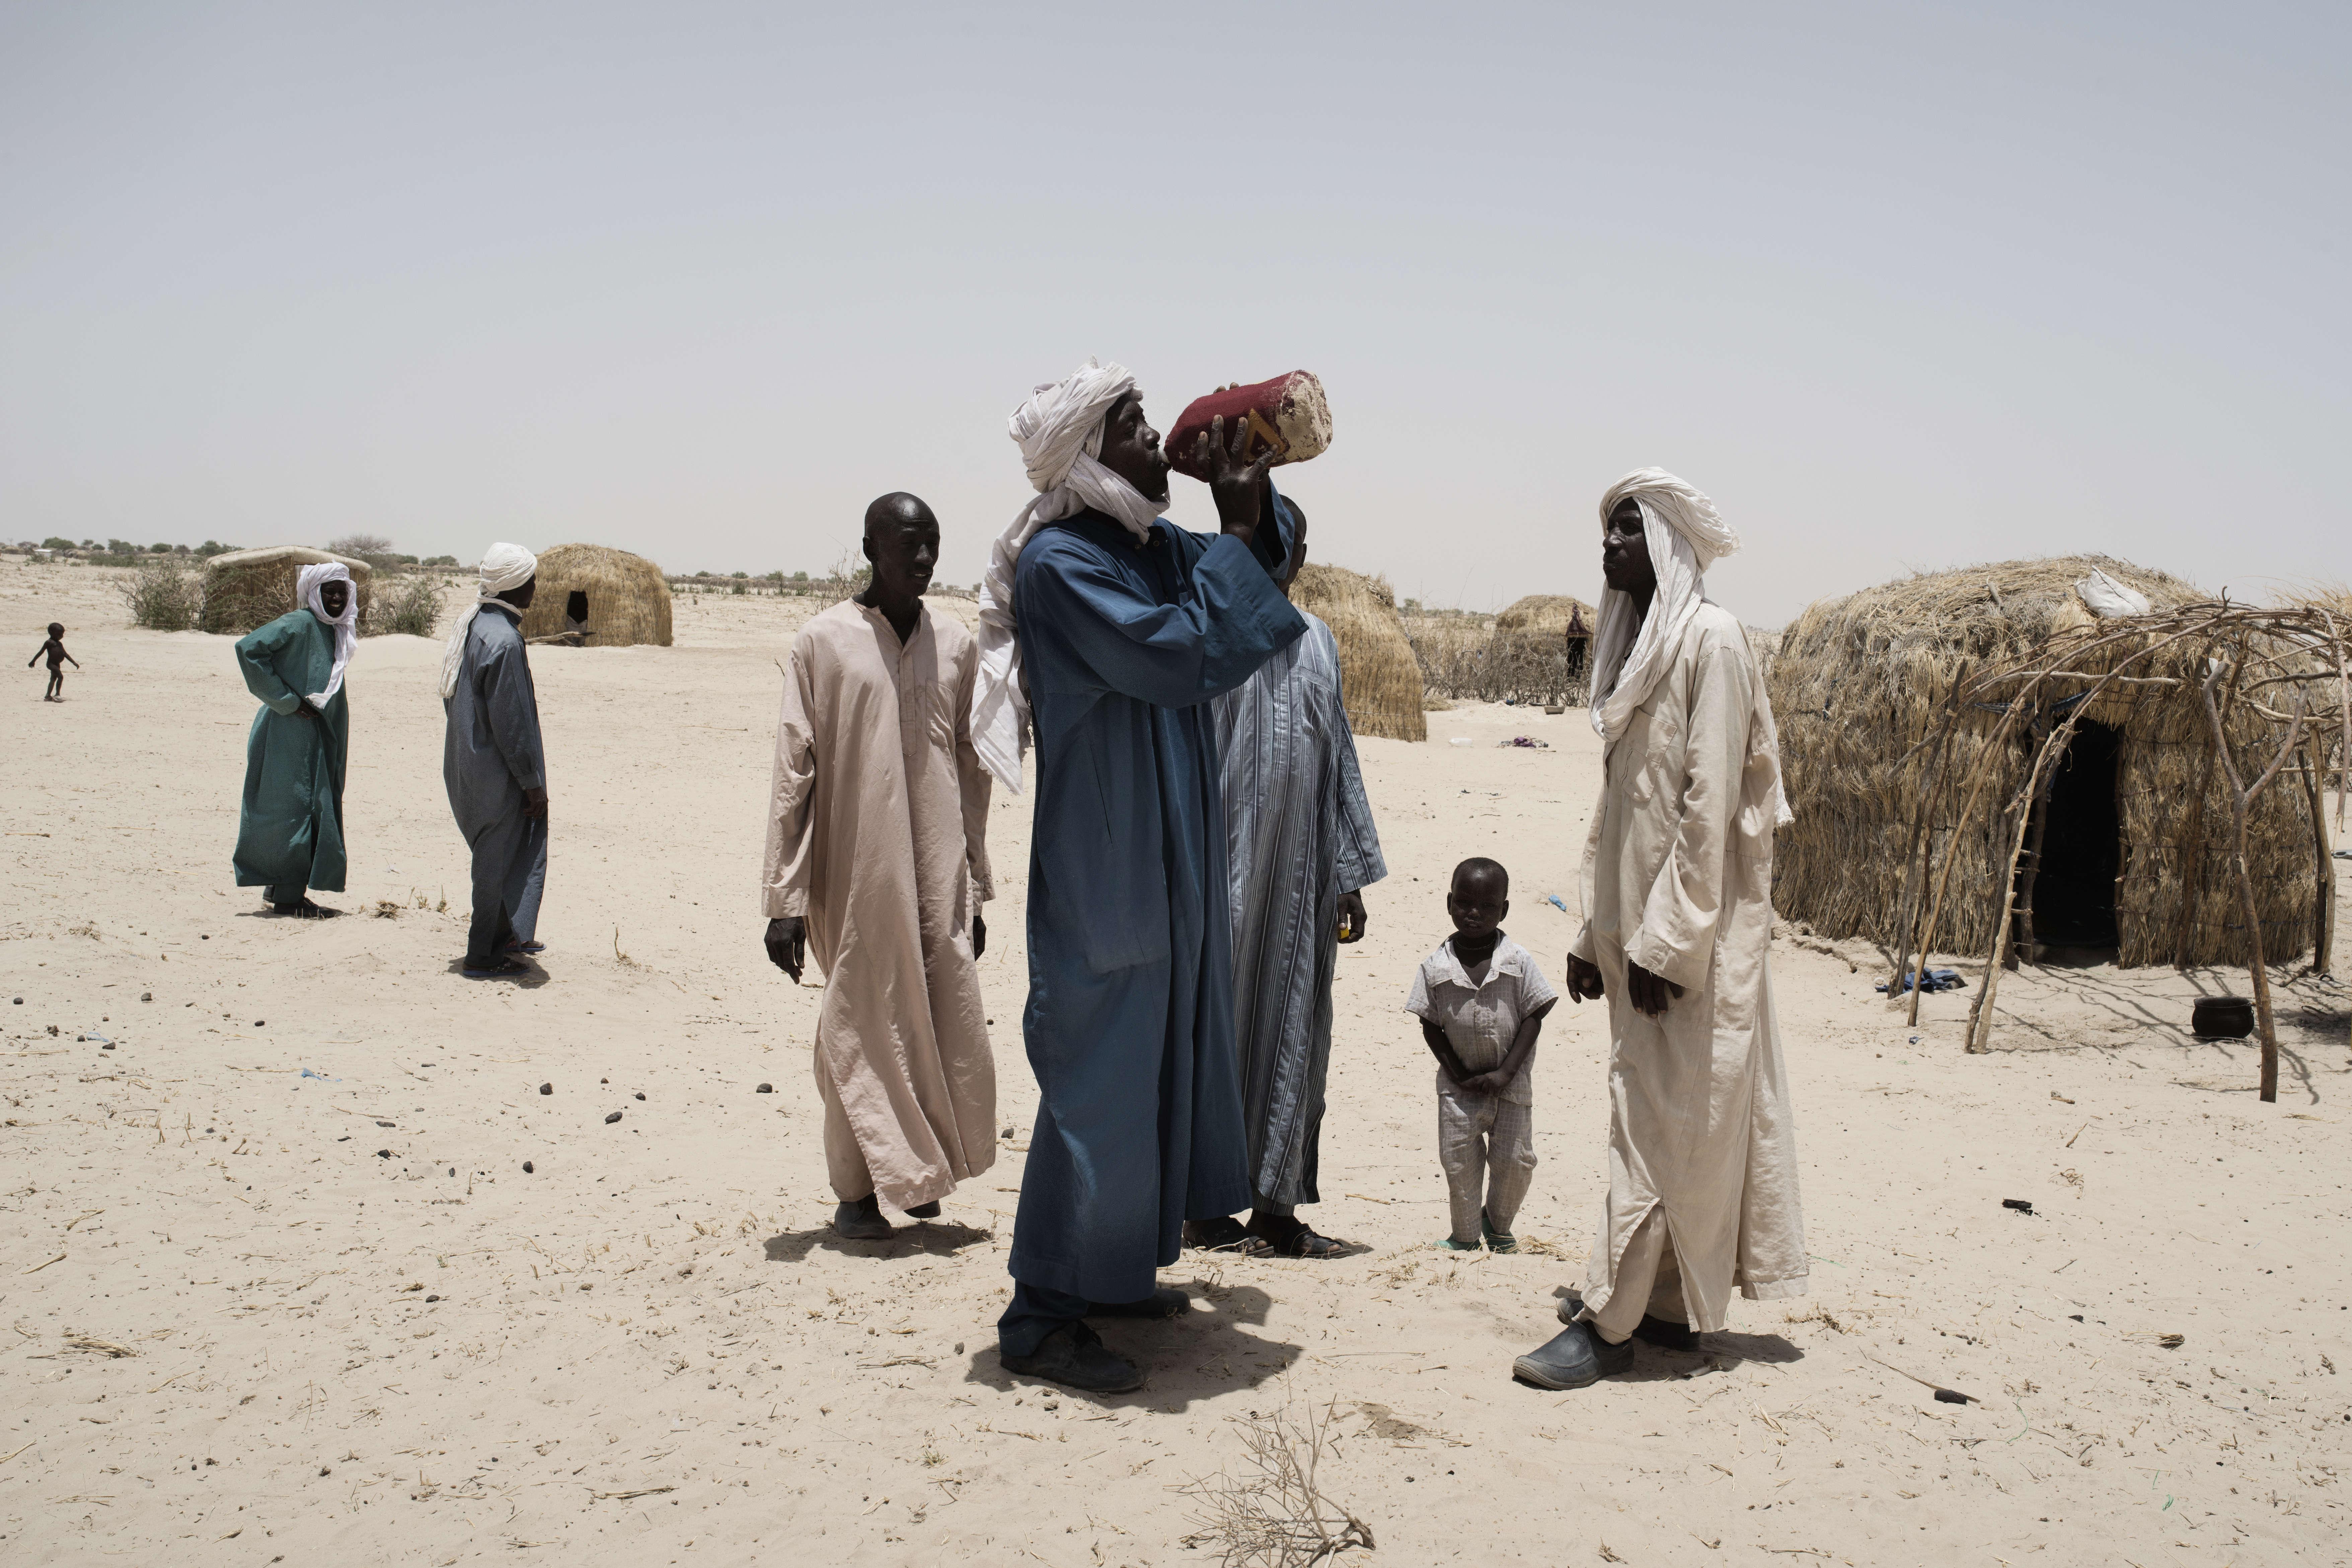 Dans le camp de déplacés de Amma, aménagé par l'ONG Care, des hommes se désaltérent. Le mois de mai est le plus chaud de l'année. Il fait plus de 40 degrés.